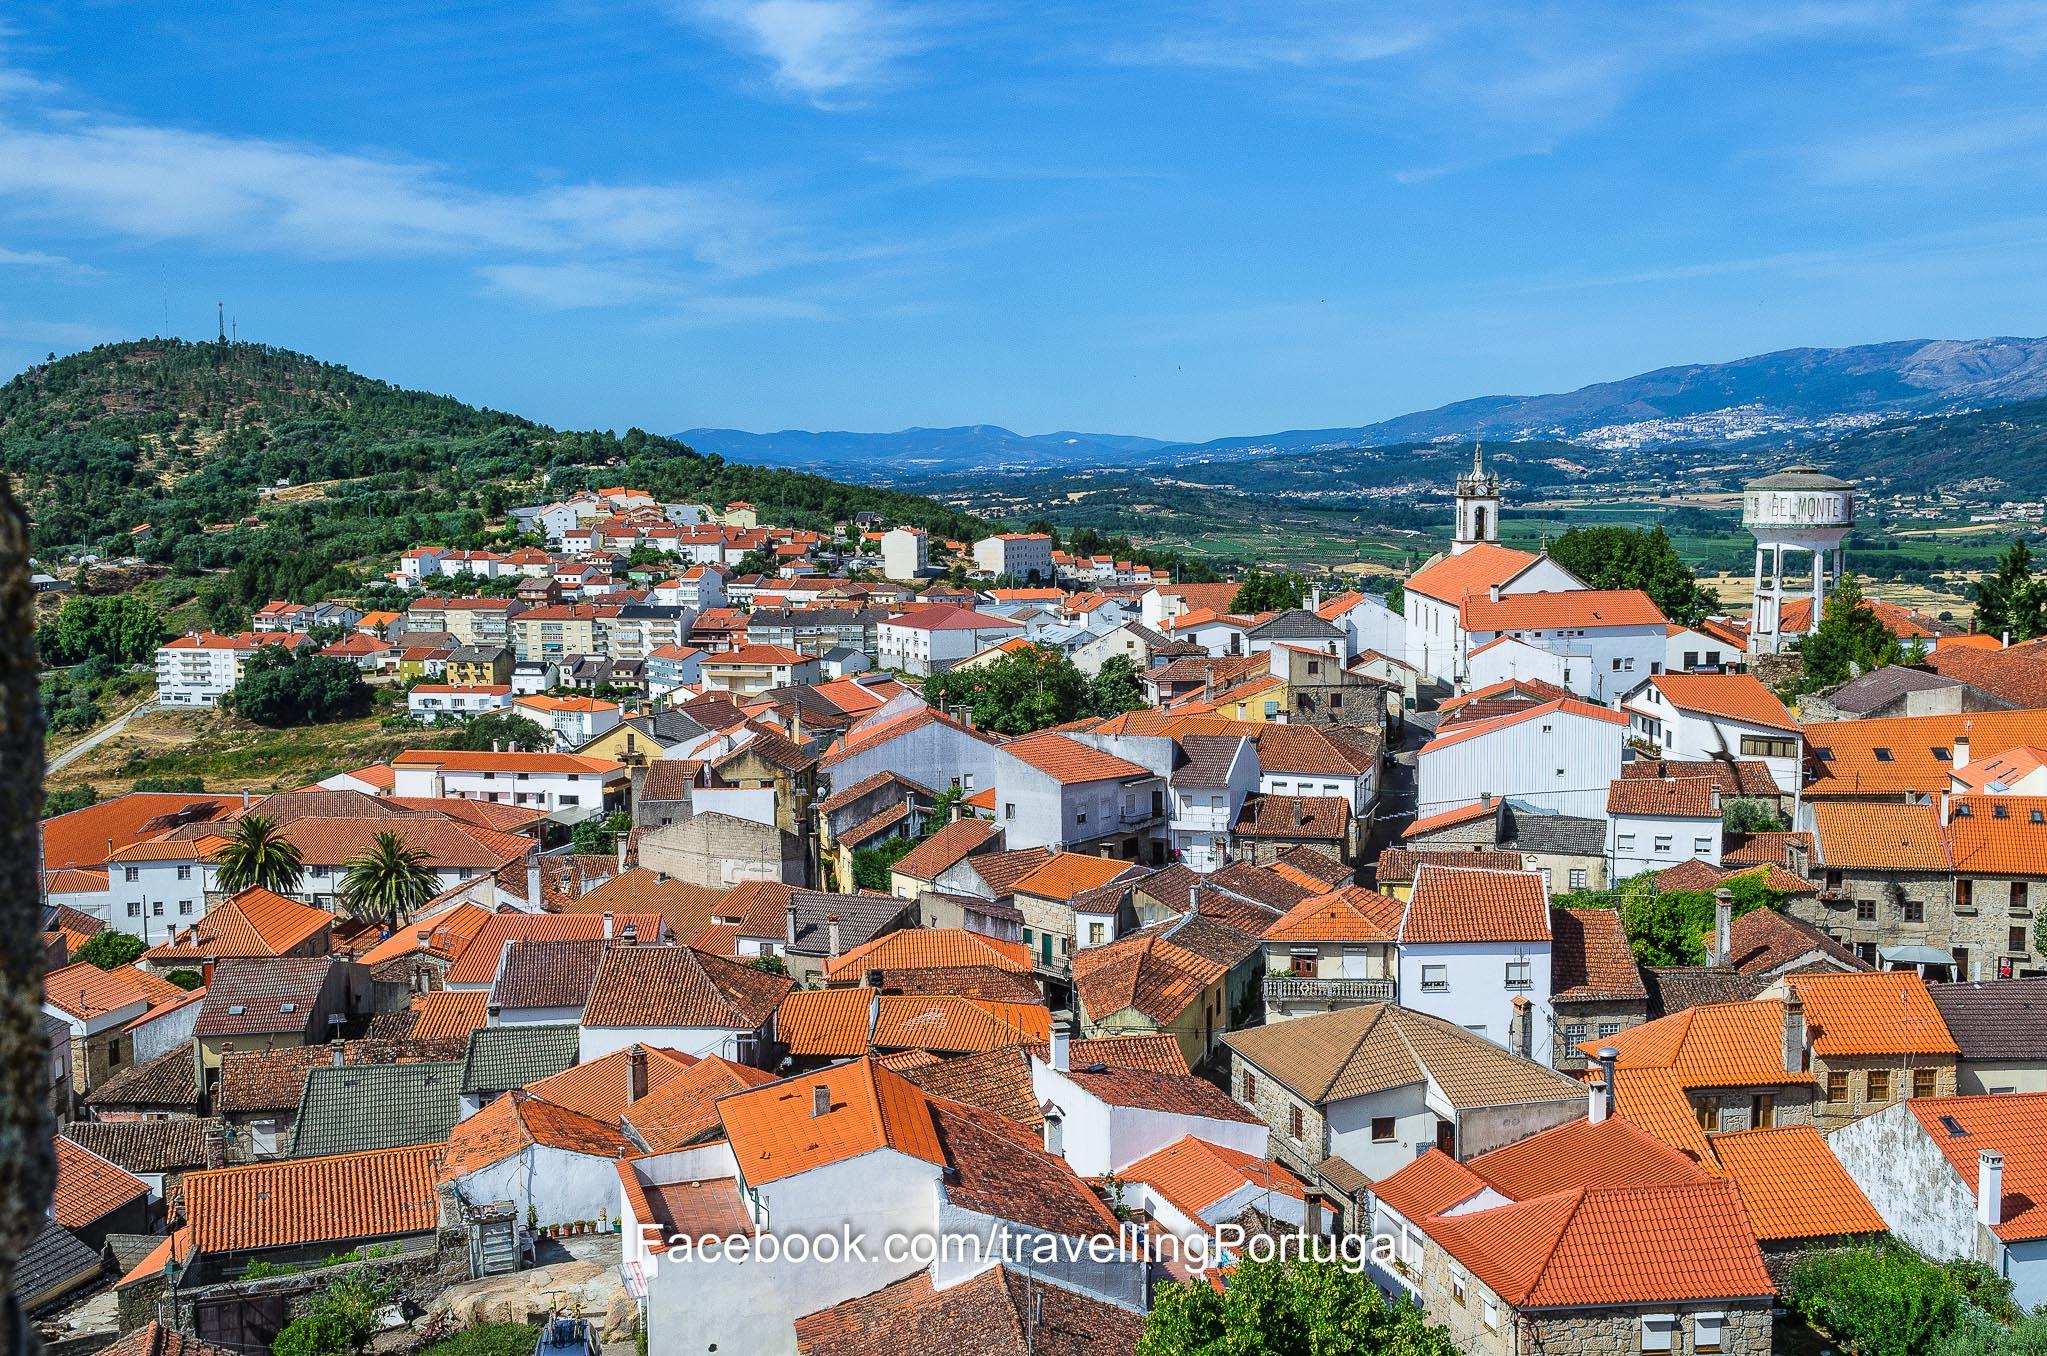 Belmonte, Portugal - Wikipedia